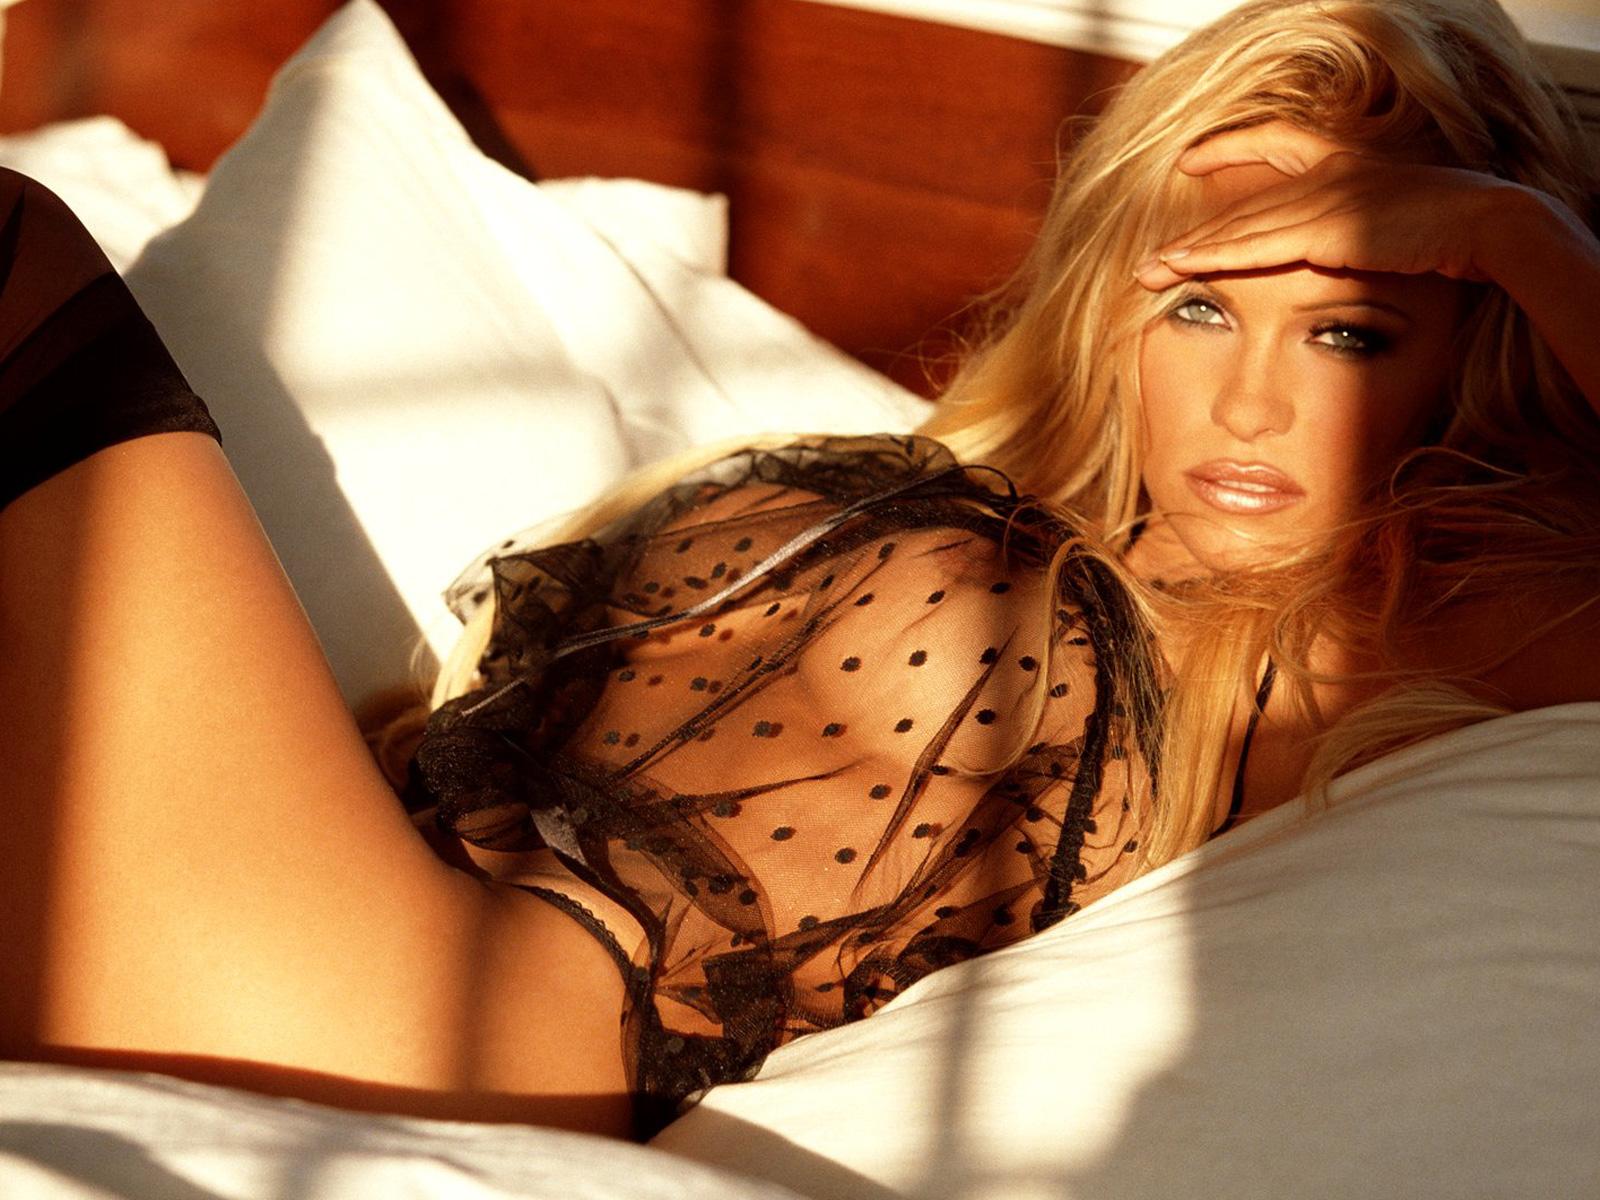 Pamela anderson hot xxx nude 5